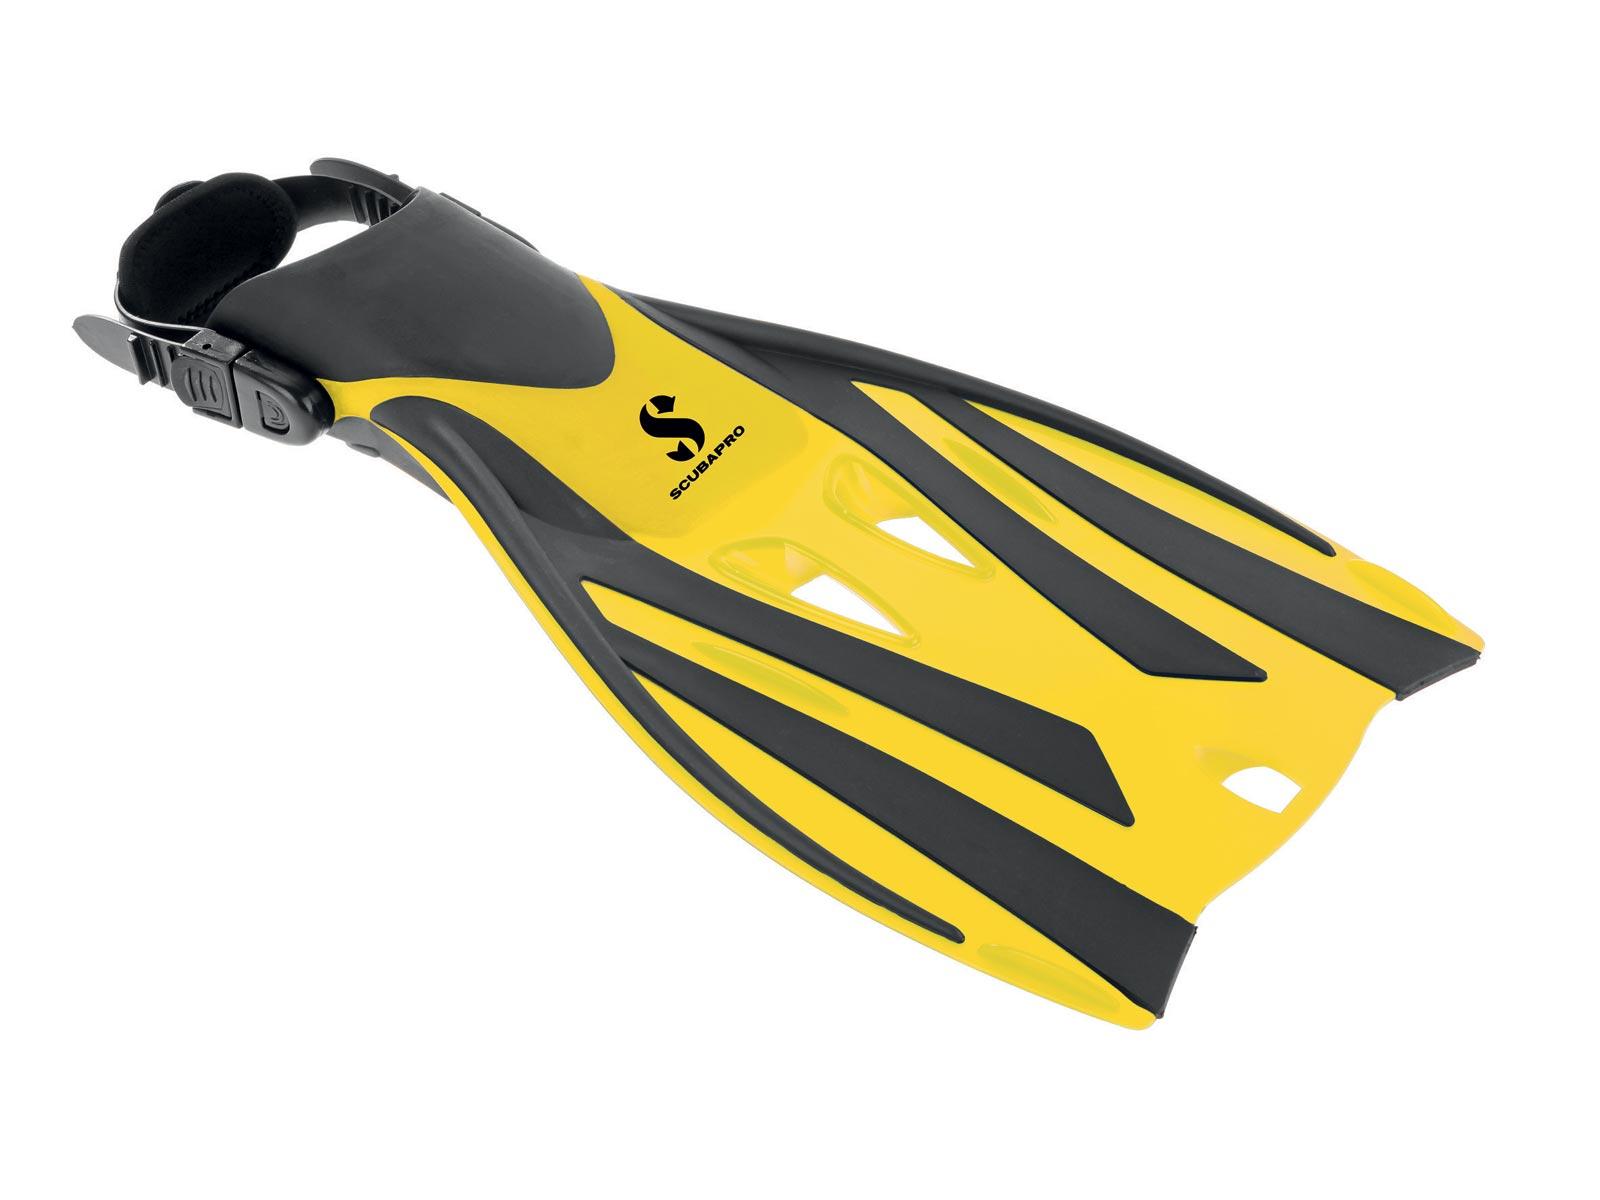 Billede af Scubapro, Svømmefødder til børn - Snorkel Plus 28-31 gul